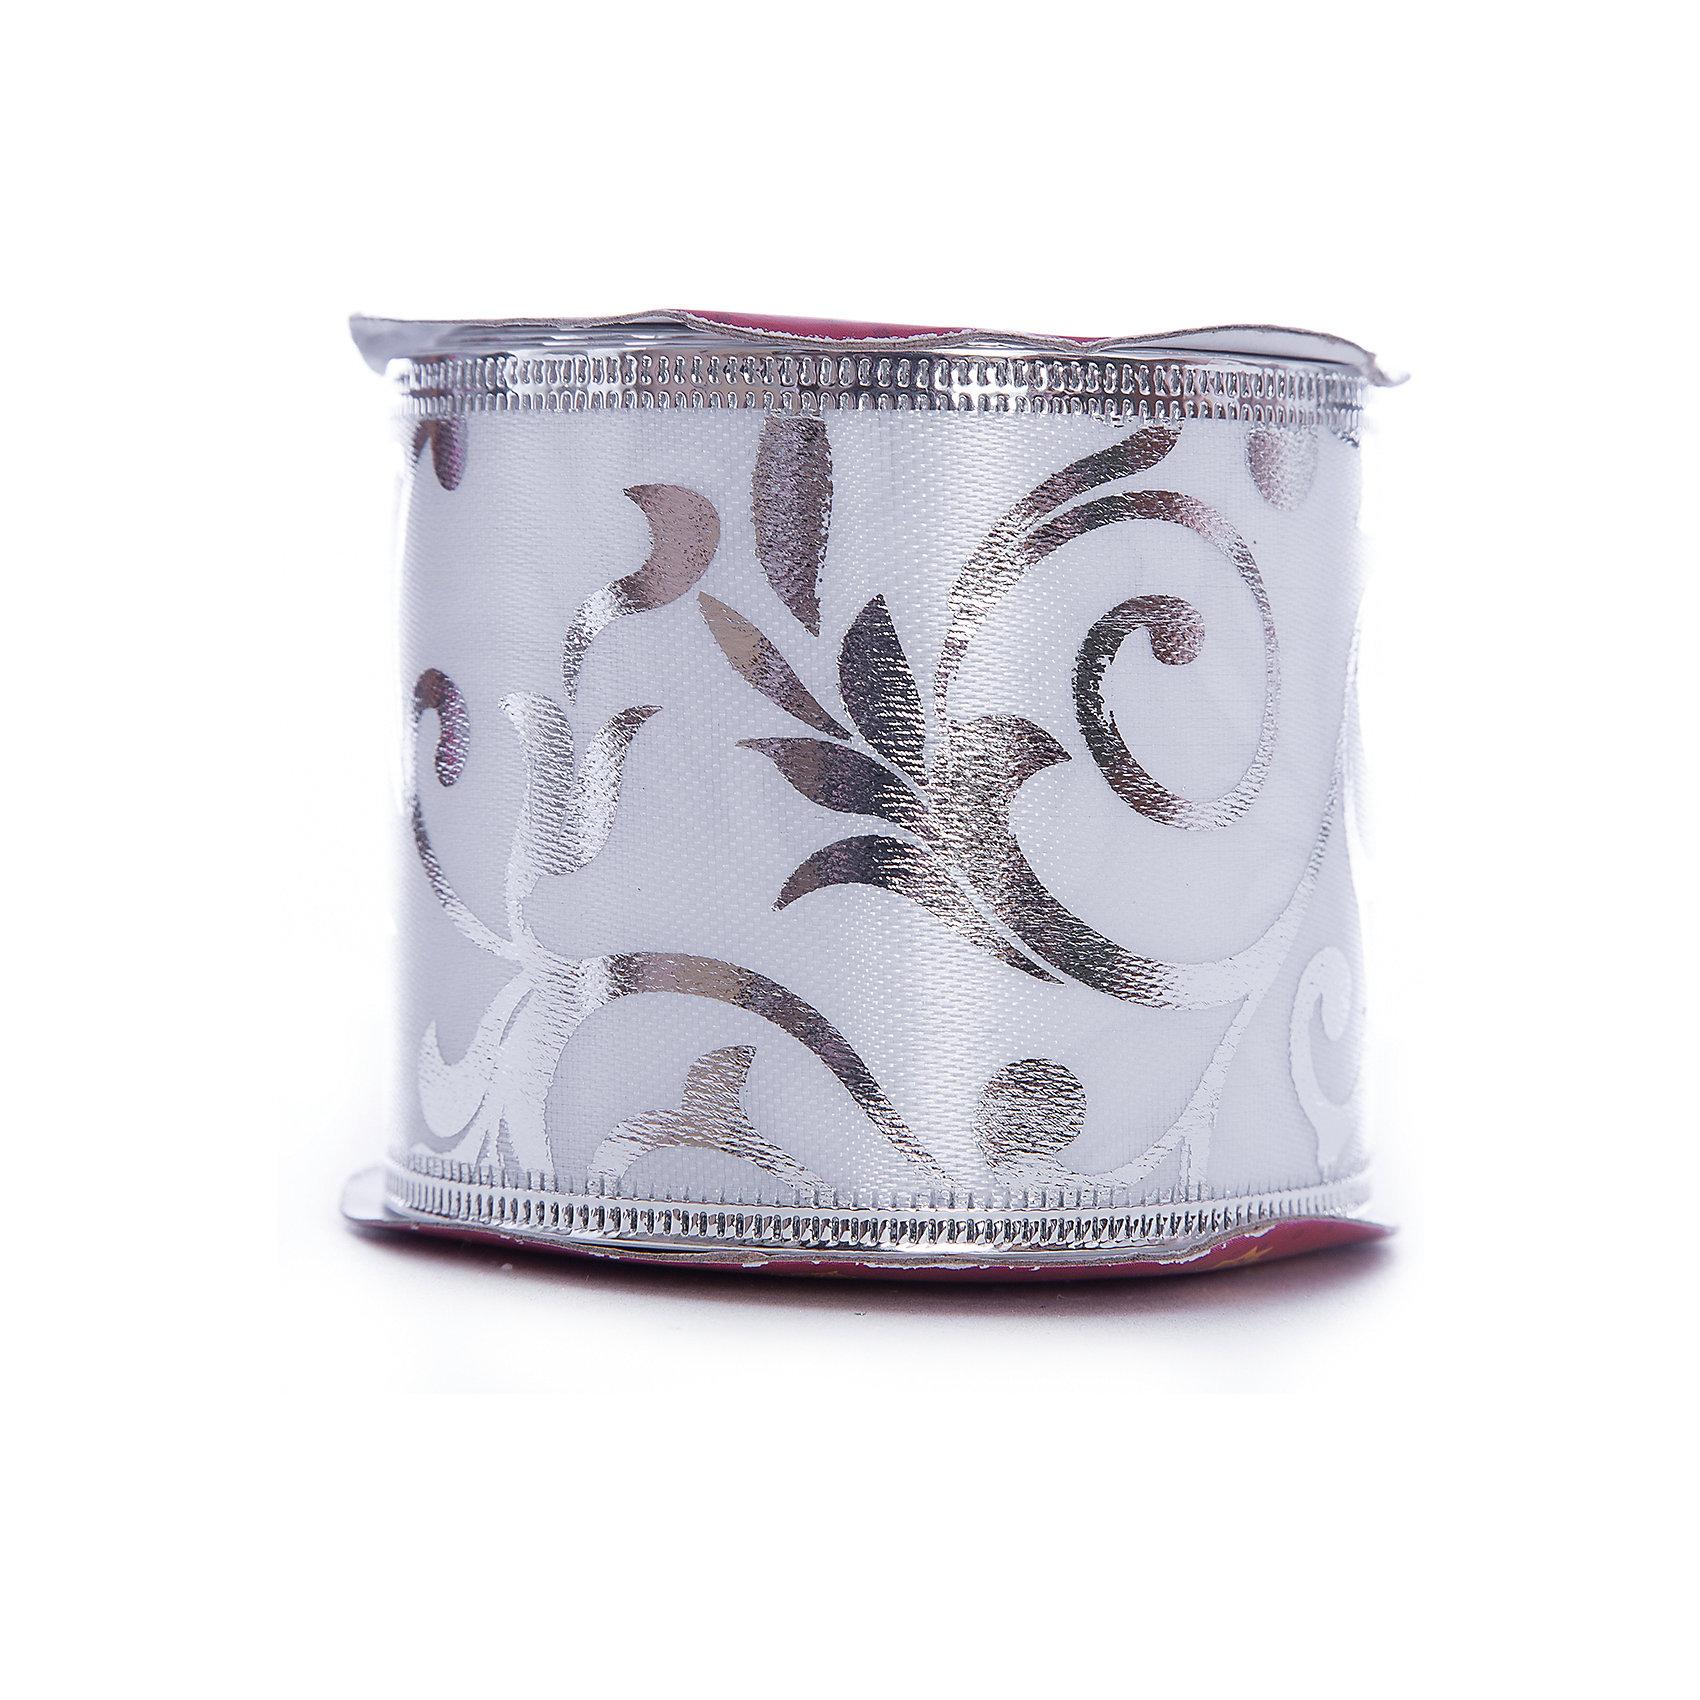 Лента новогодняя Серебряные разводы арт.42821 из сатина на картонной катушке от myToys